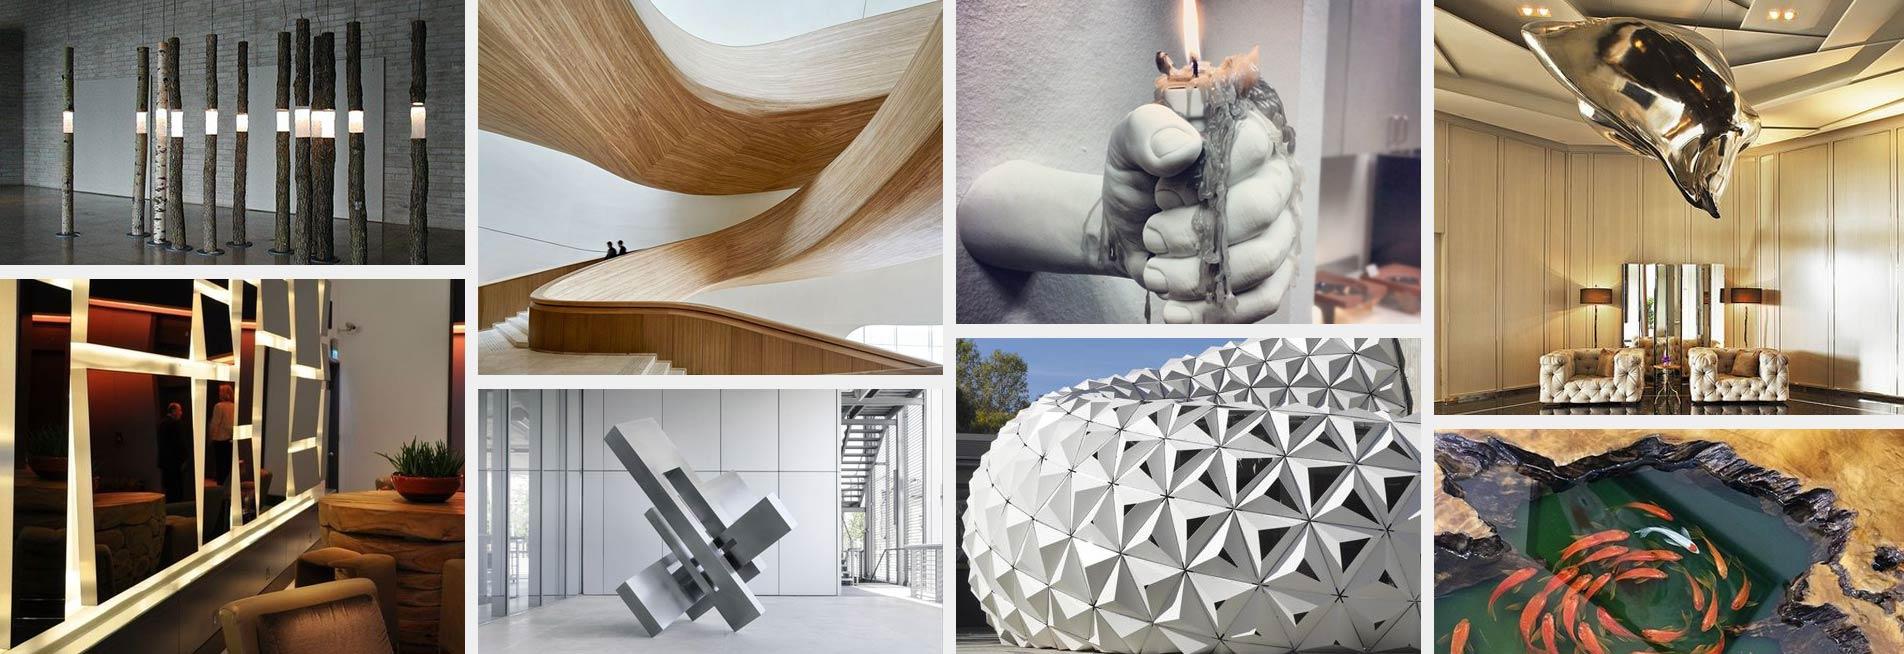 meble lampy designerskie indywidualne projekty na zamówienie